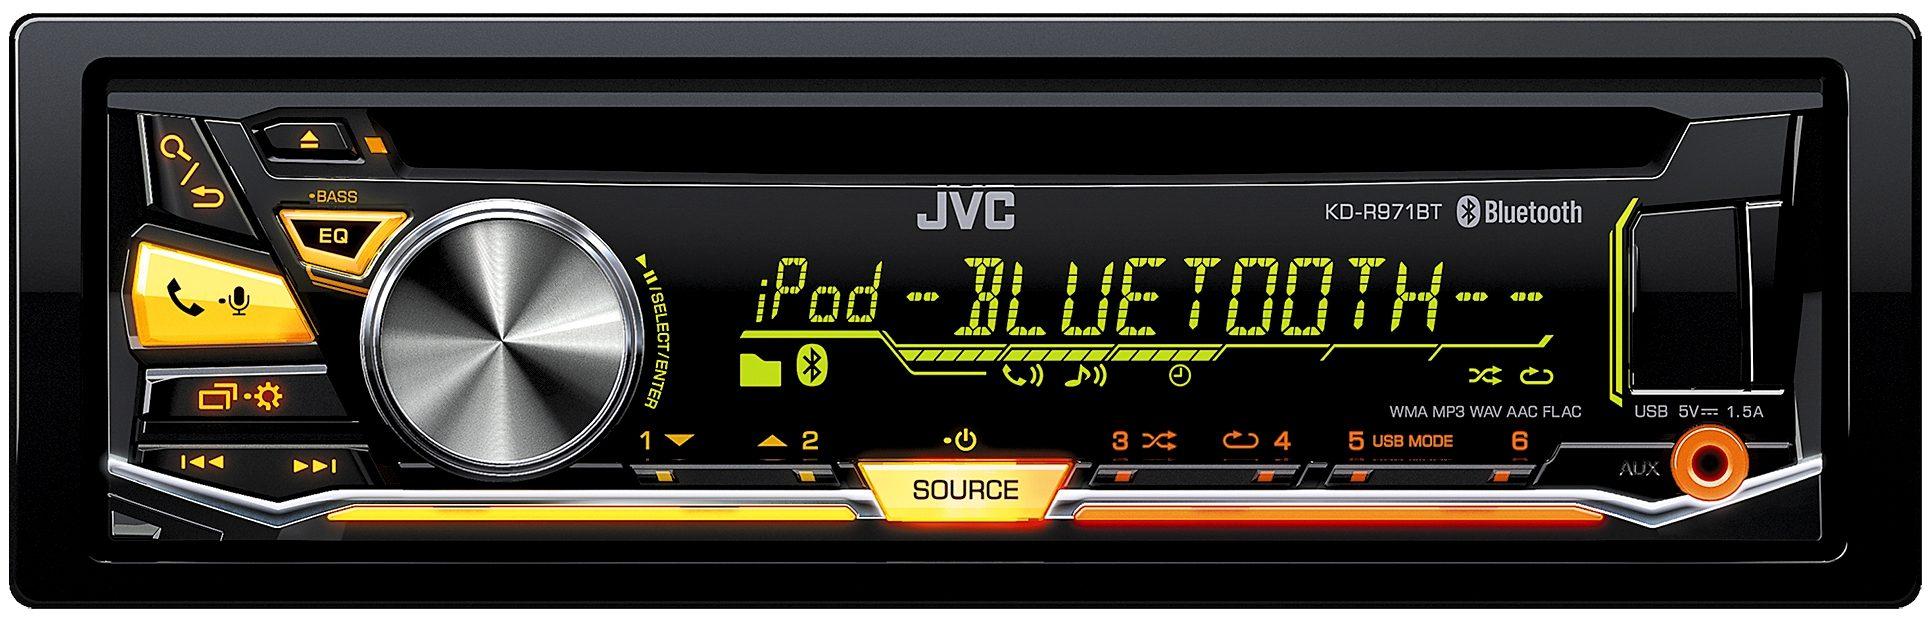 JVC 1-DIN Autoradio mit Bluetooth »KD-R971BT«